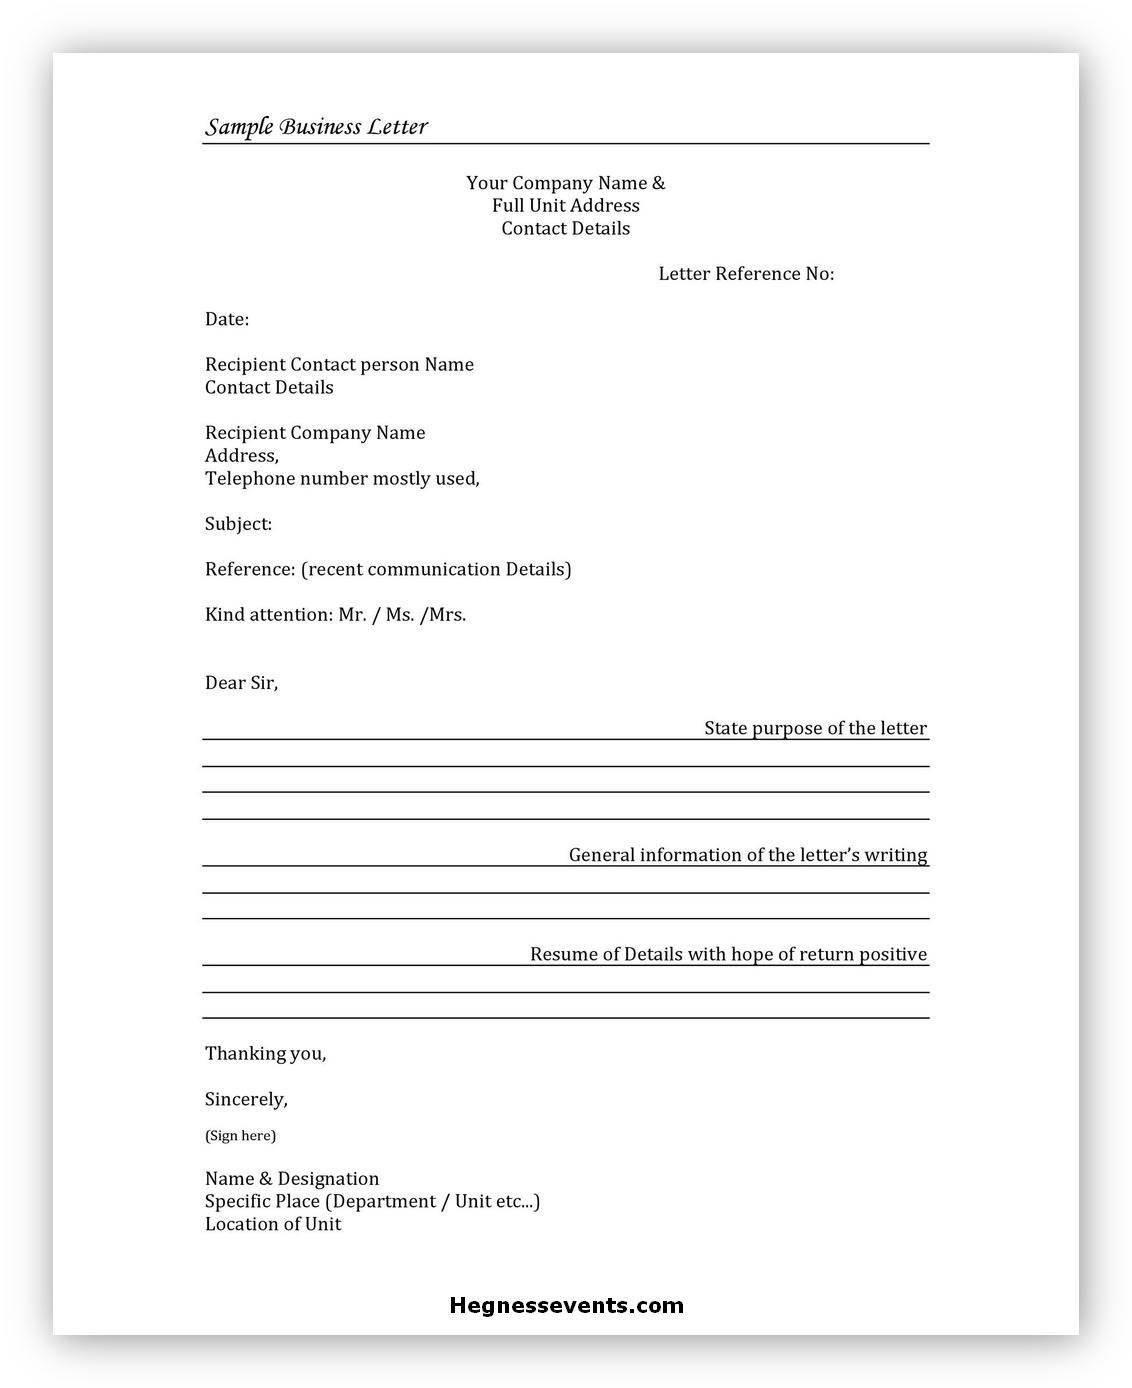 Sample Business Letter 01